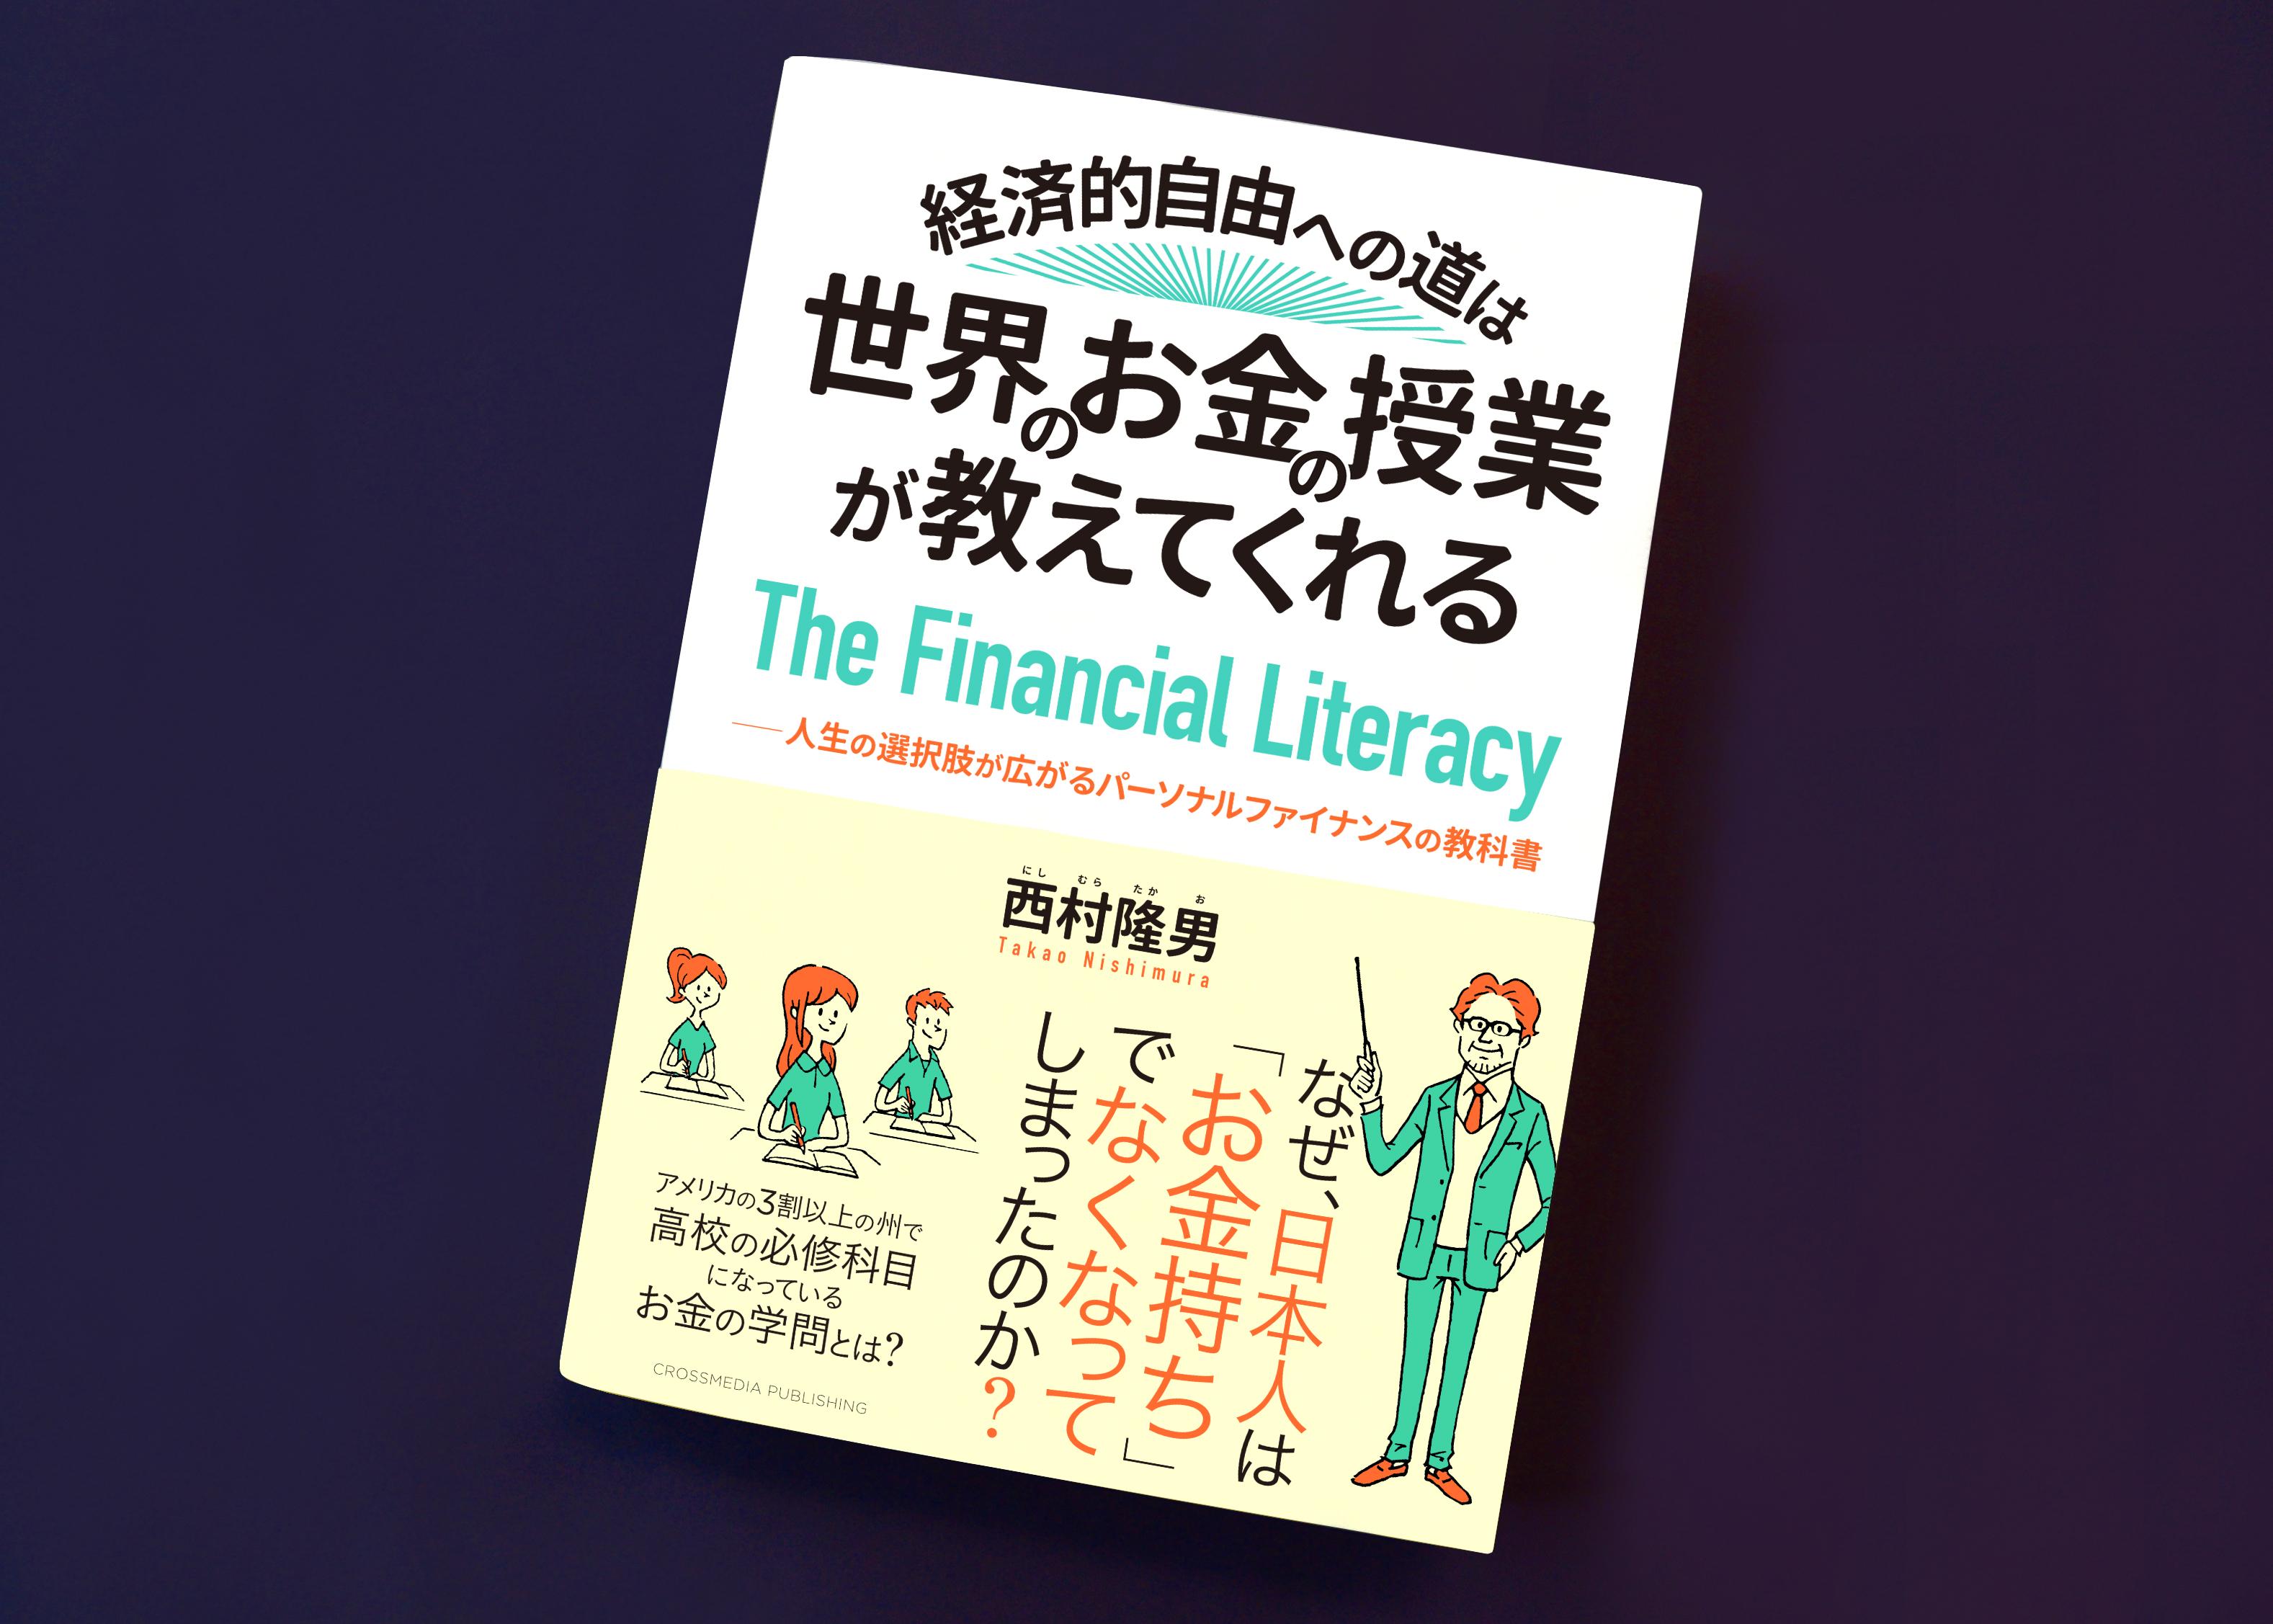 経済的自由への道は、世界のお金の授業が教えてくれる―人生の選択肢が広がるパーソナルファイナンスの教科書―